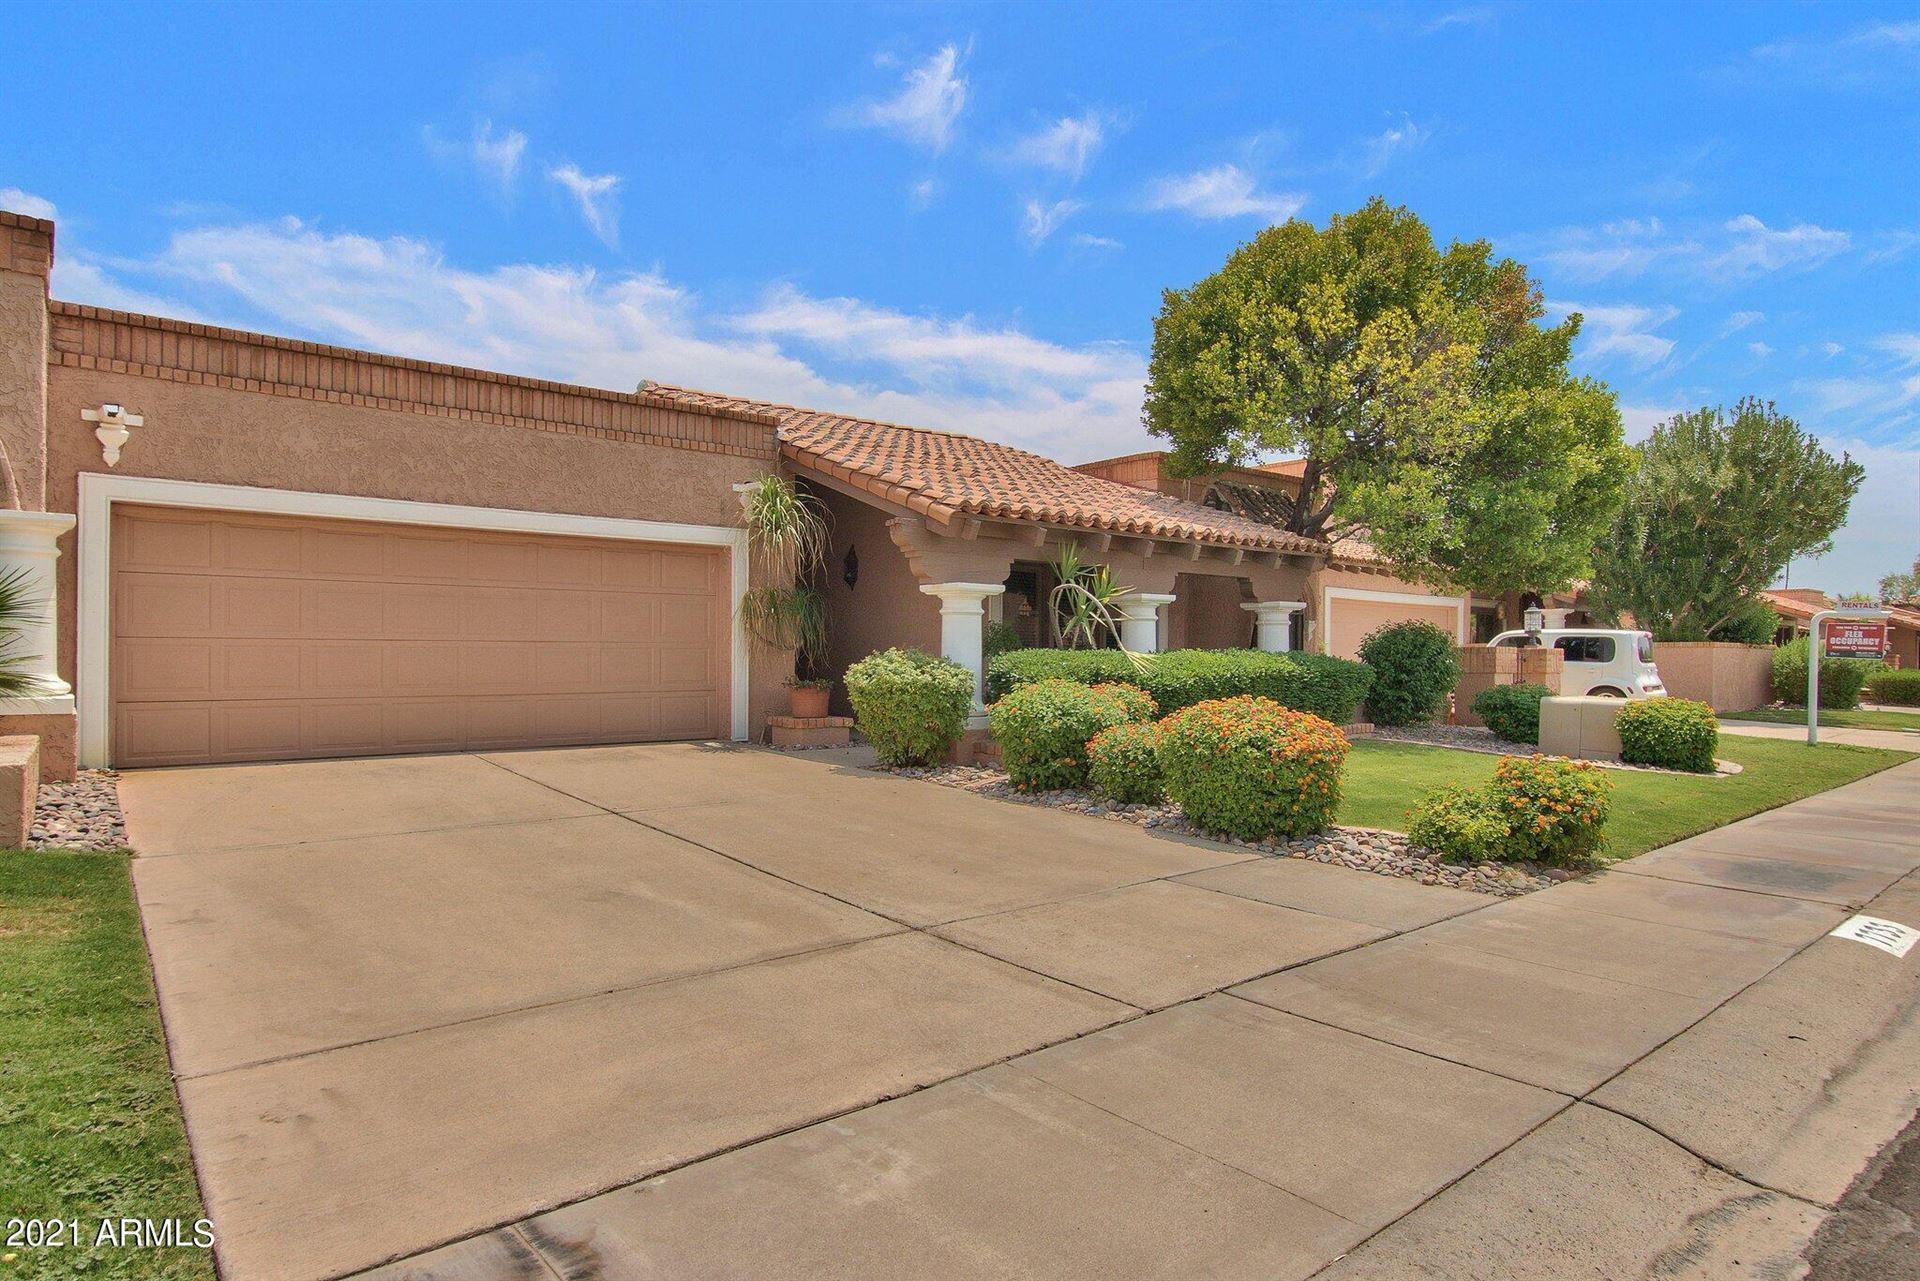 7733 N VIA DE FONDA --, Scottsdale, AZ 85258 - MLS#: 6264768